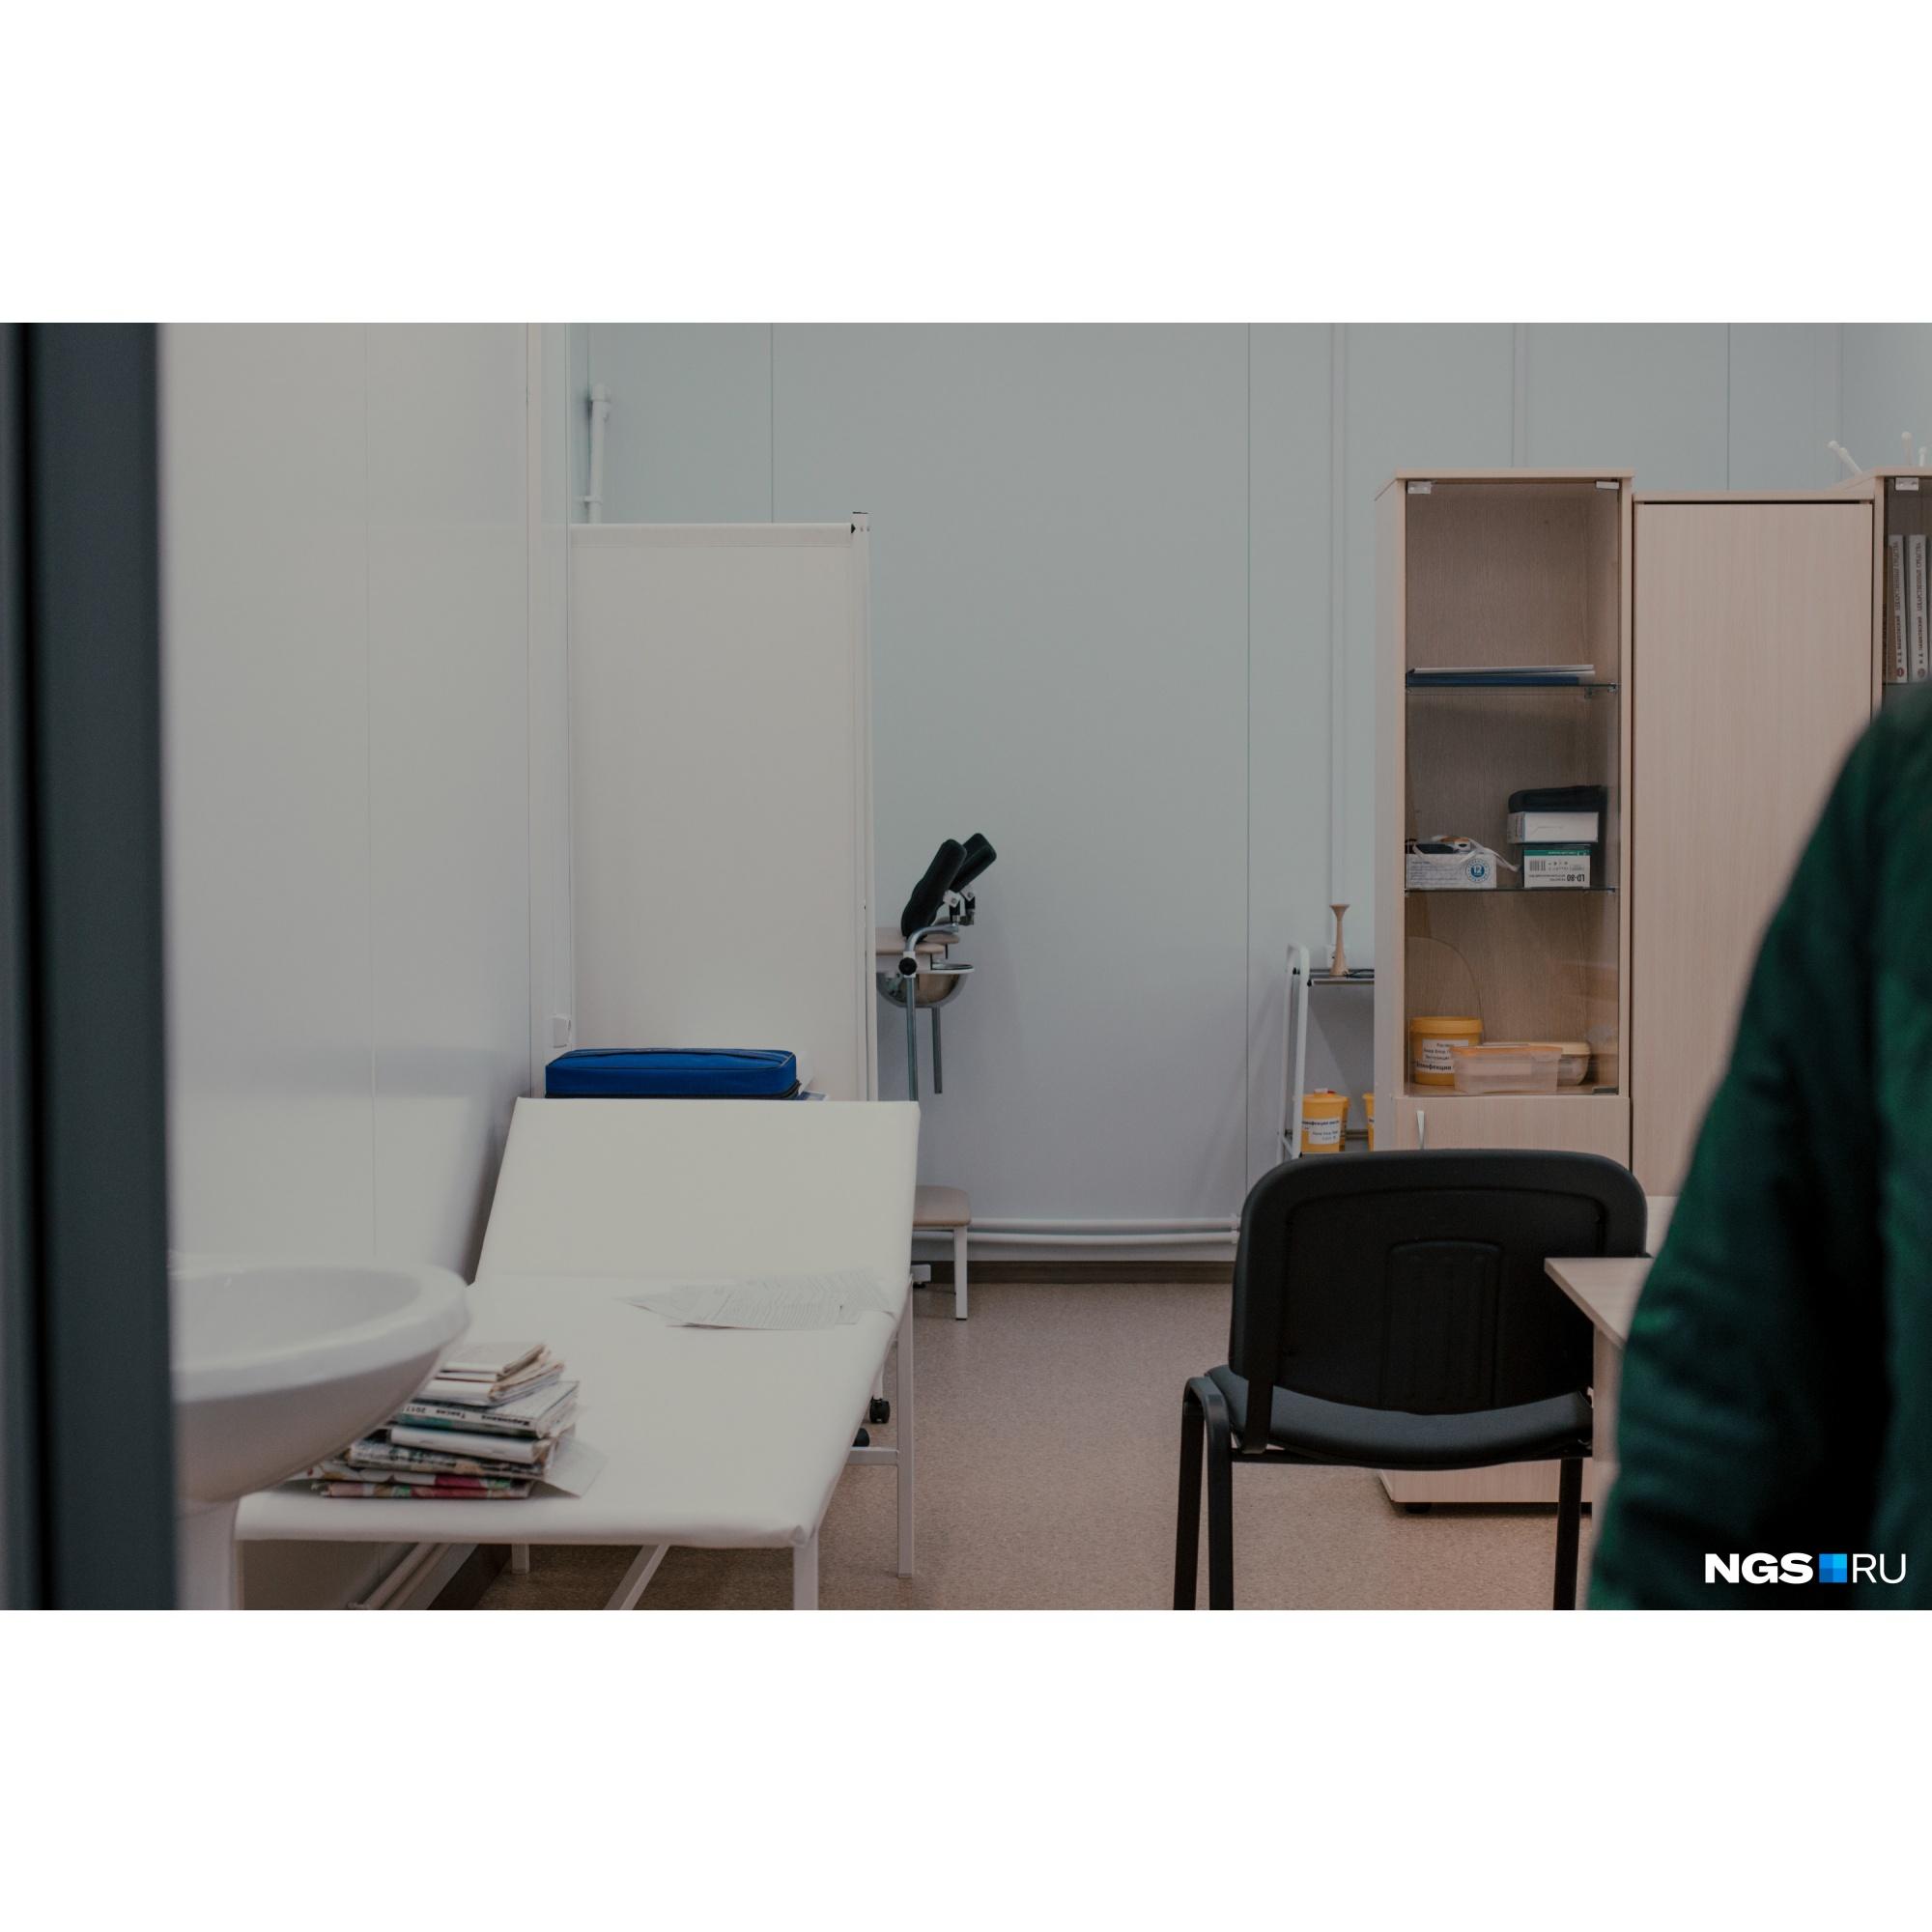 В ФАПе поселка Грибного есть санитарная и процедурная комнаты, а также несколько кабинетов врачей